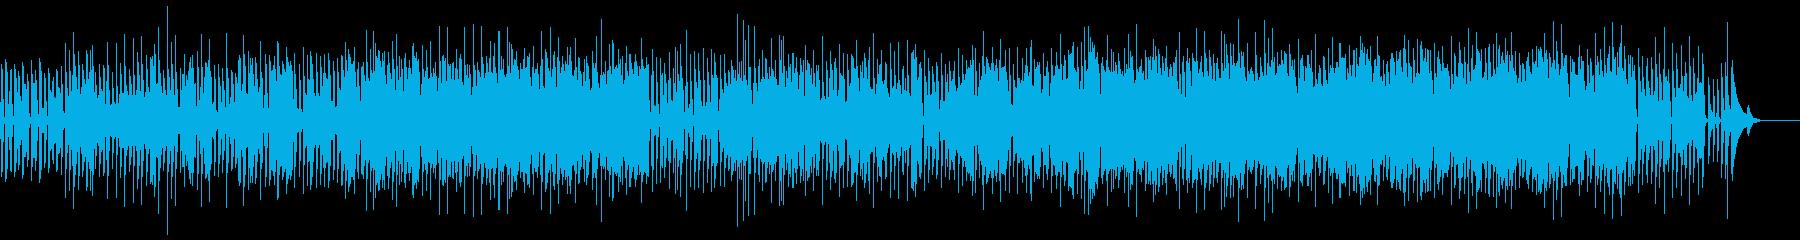 独特な歌詞のアコースティック楽曲の再生済みの波形